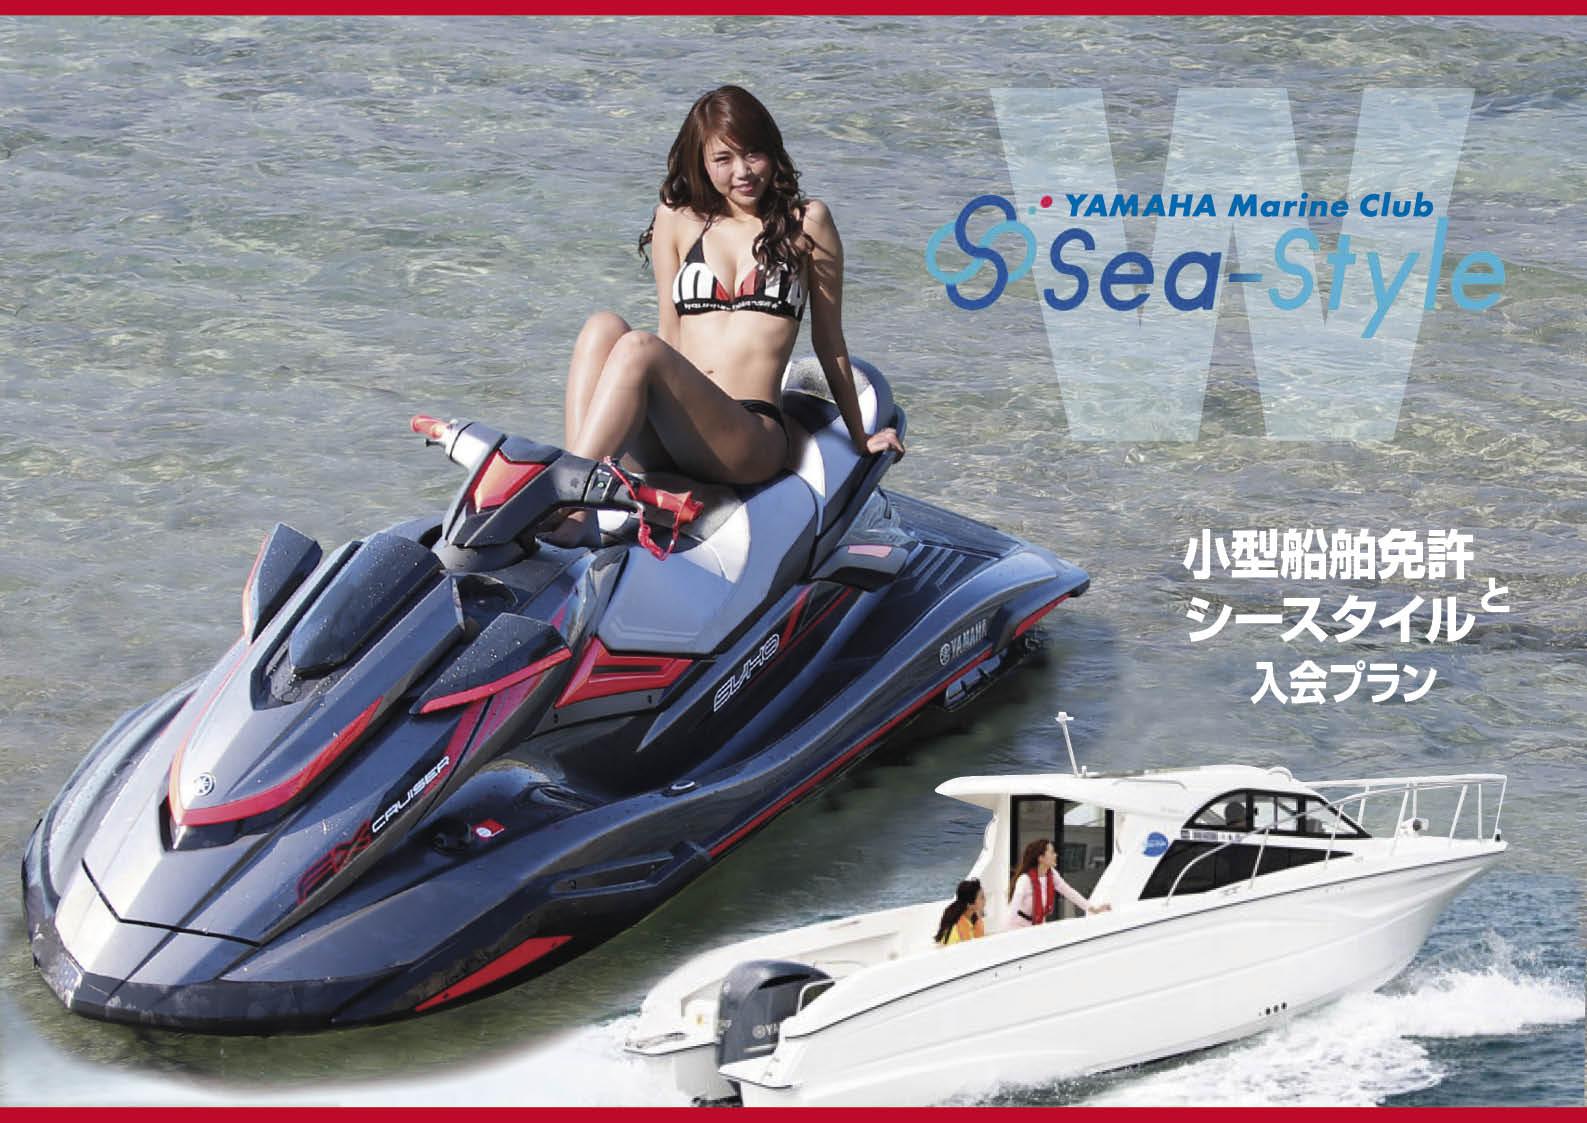 【キャンペーン】「小型船舶免許取得」と「シースタイル」のW入会でお得な割引券プレゼント ジェットスキー(水上バイク)